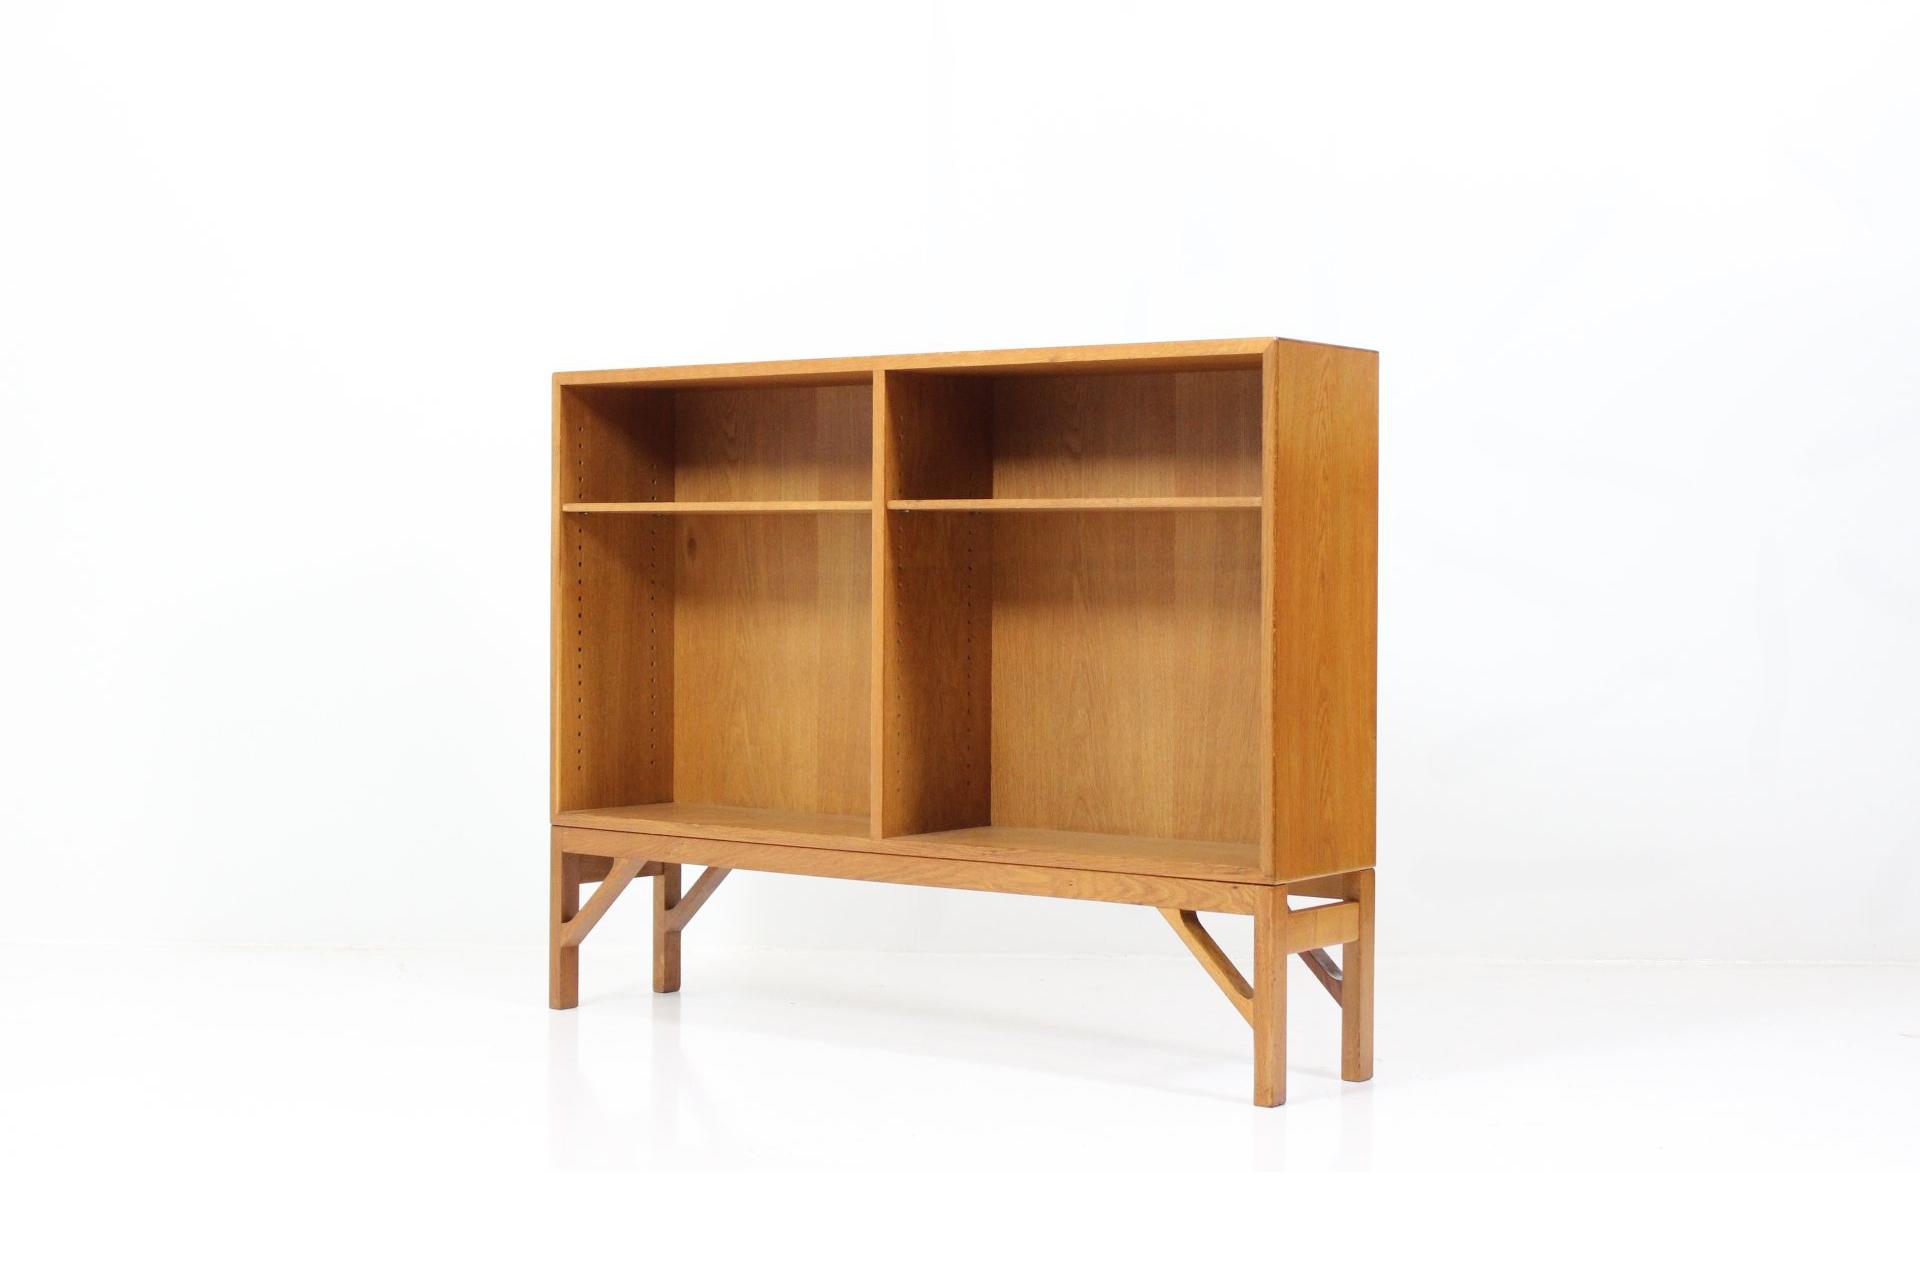 Vintage Shelf Rack no. 150 Serie by Børge Mogensen for FDB Møbler